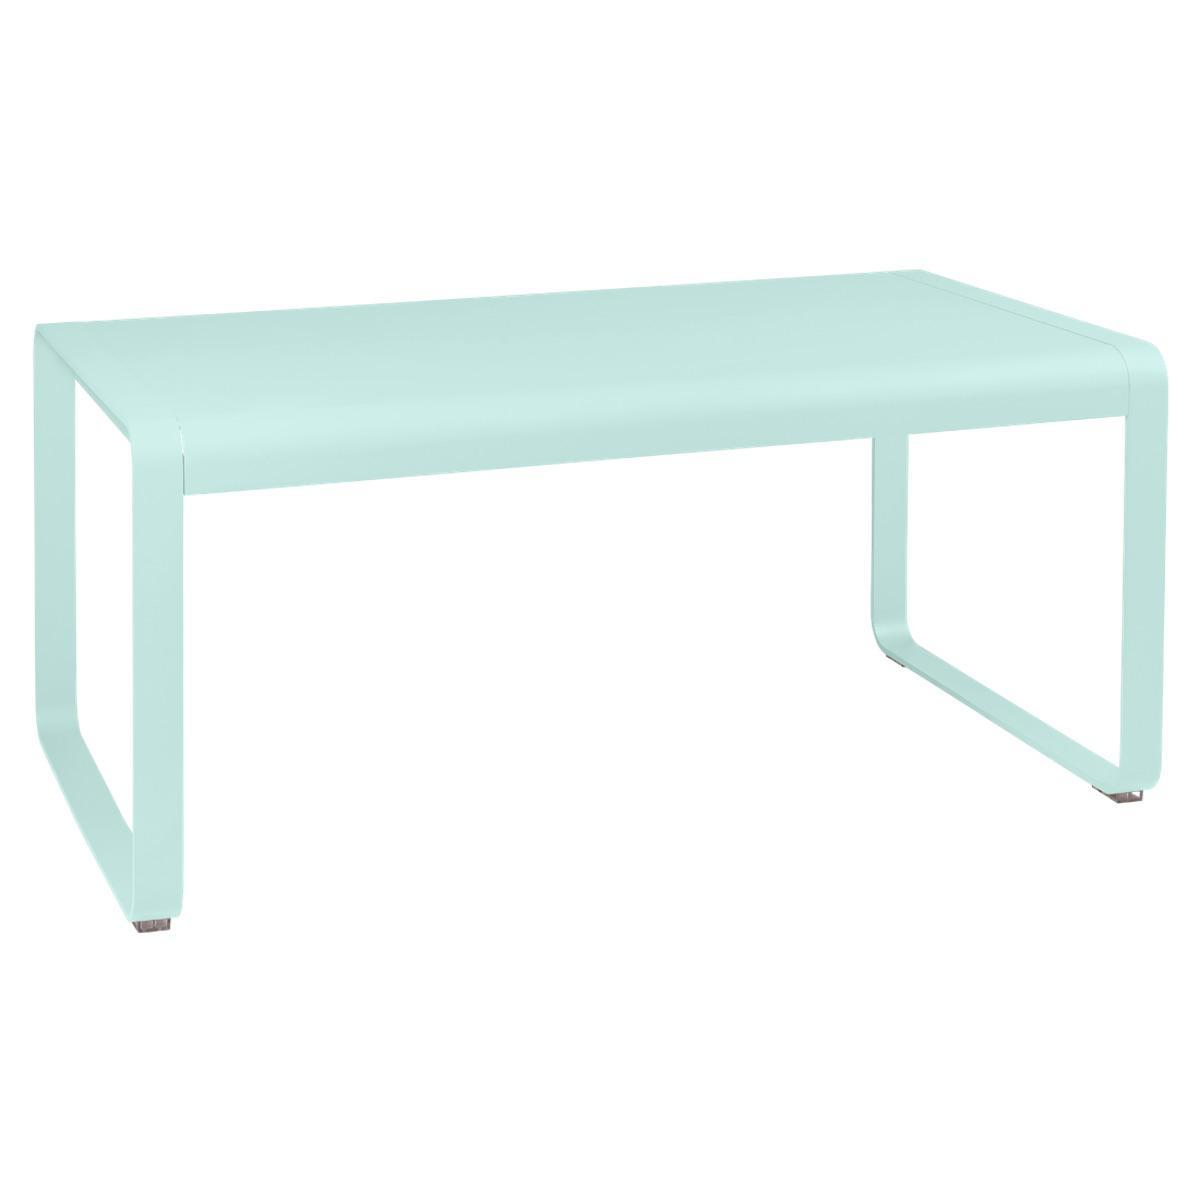 Table de jardin mi-hauteur 80x140cm BELLEVIE Fermob menthe glaciale